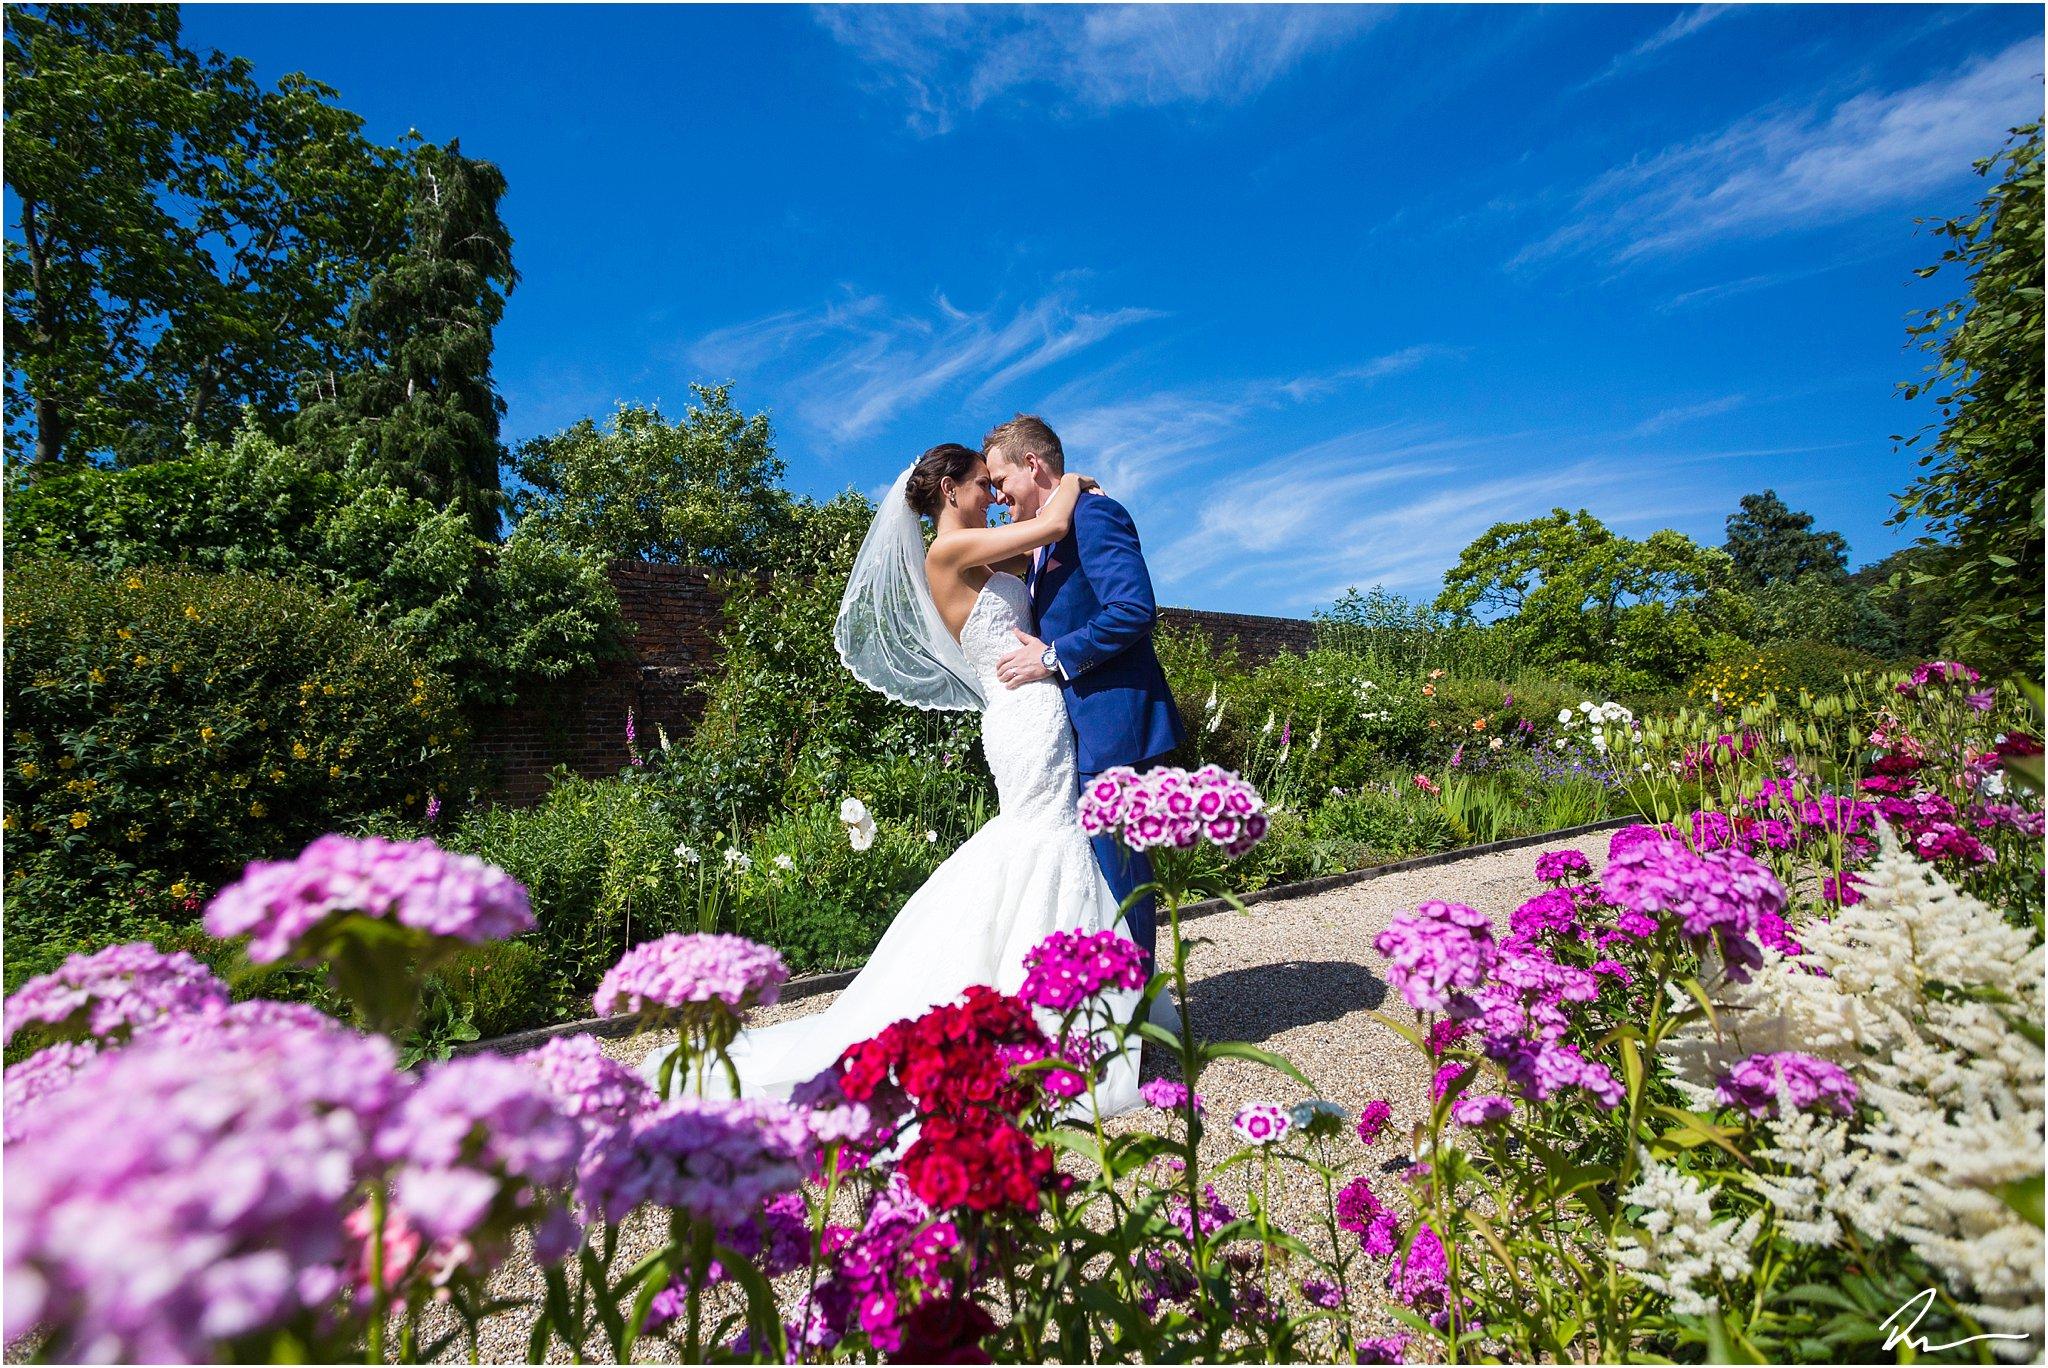 gayness-park-wedding-photographer-essex-ross-dean